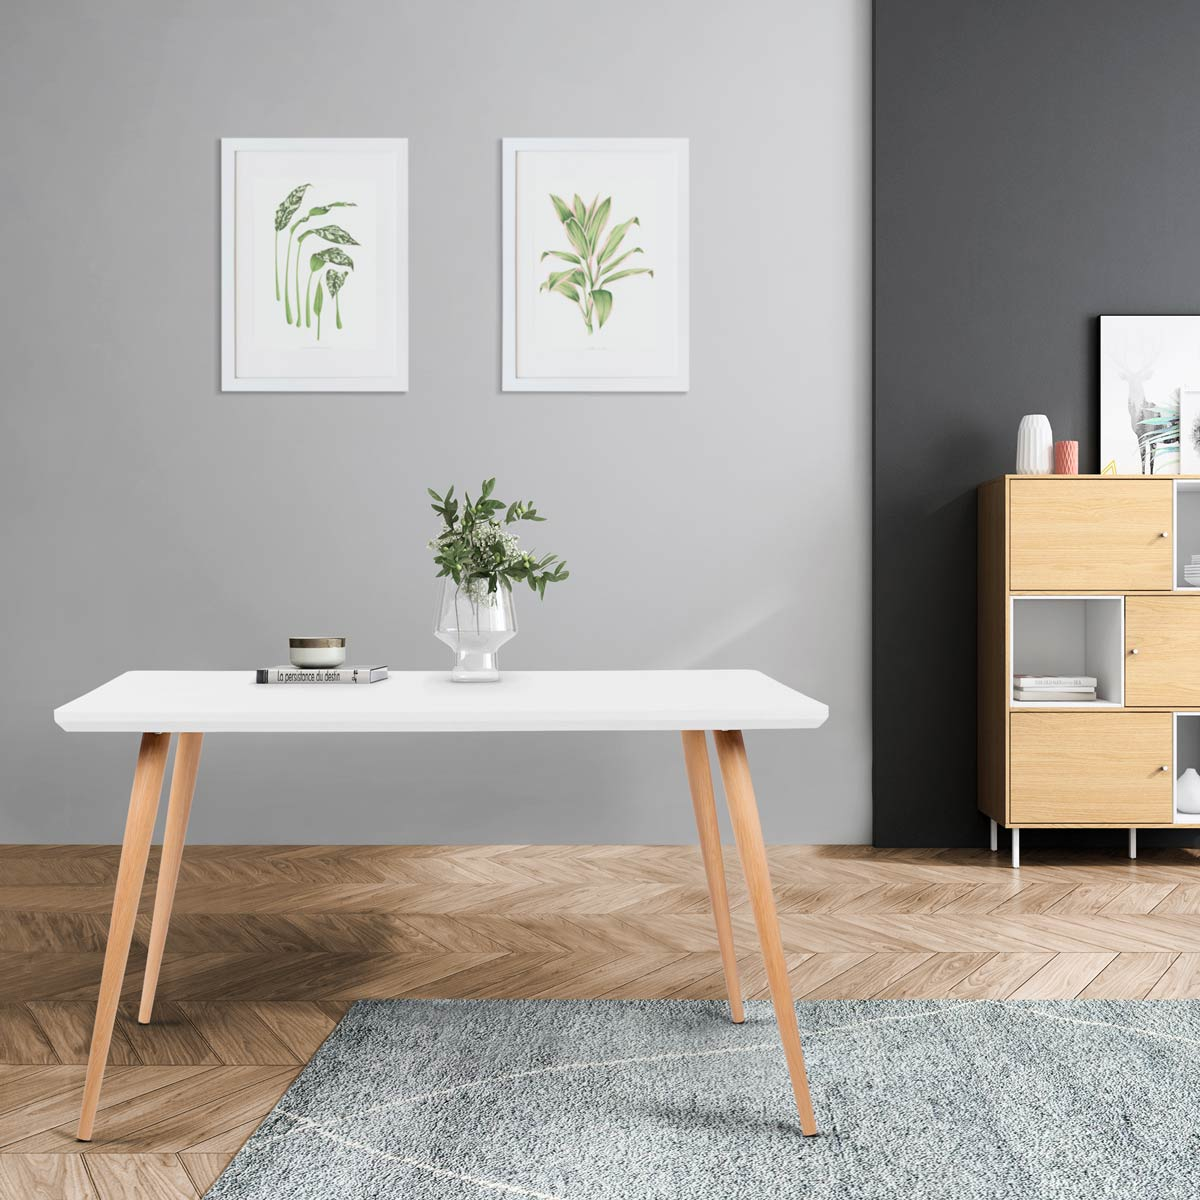 Salón minimalista y decorado con plantas.